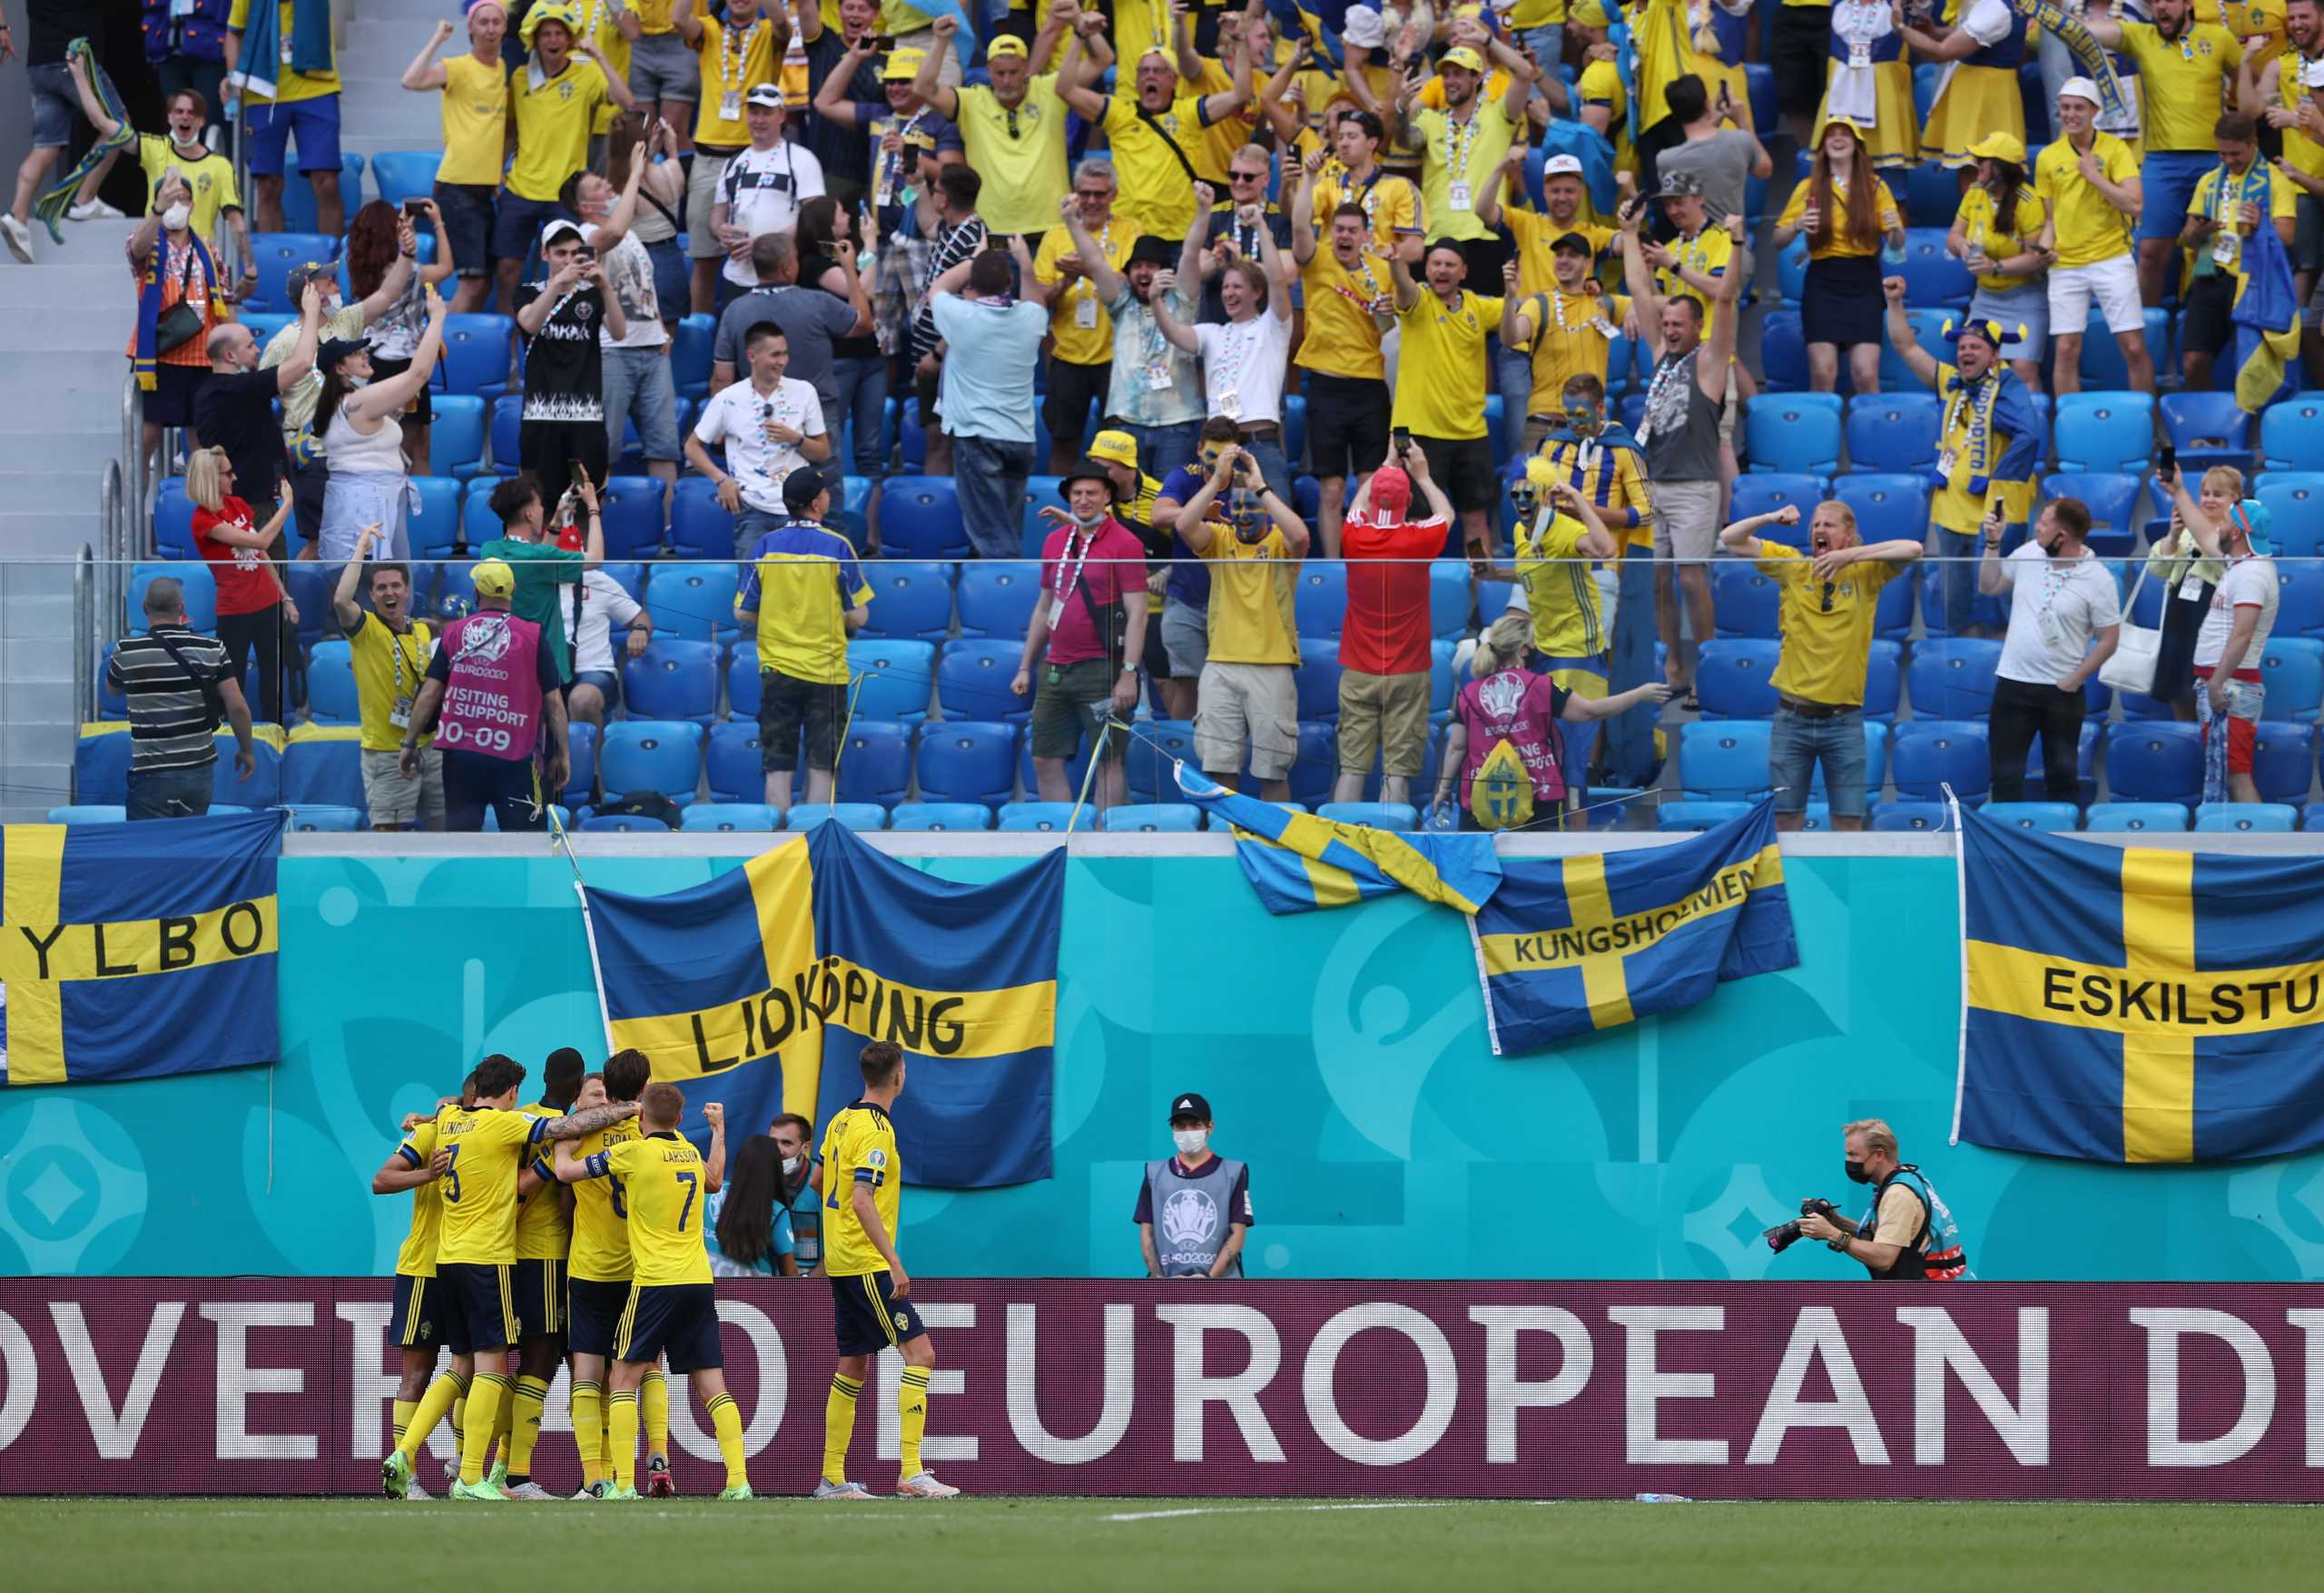 Euro 2020, Σουηδία – Σλοβακία 1-0: Από την βούλα στην κορυφή του 5ου ομίλου οι Σκανδιναβοί